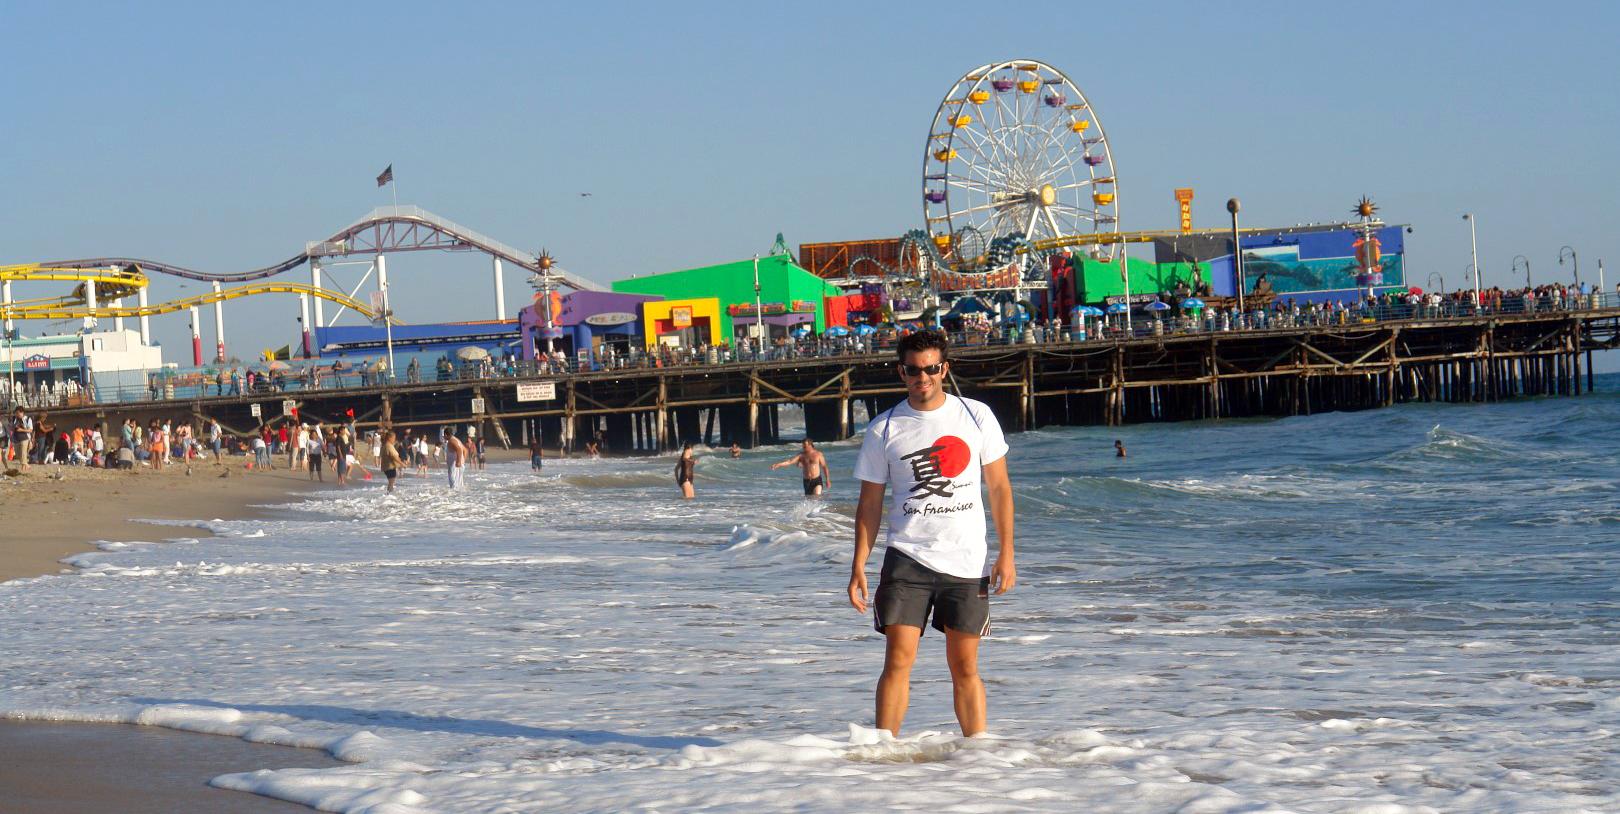 Qué hacer y ver en Los Ángeles los angeles - 31975899533 ed0d8e79ab o - Qué hacer y ver en Los Angeles